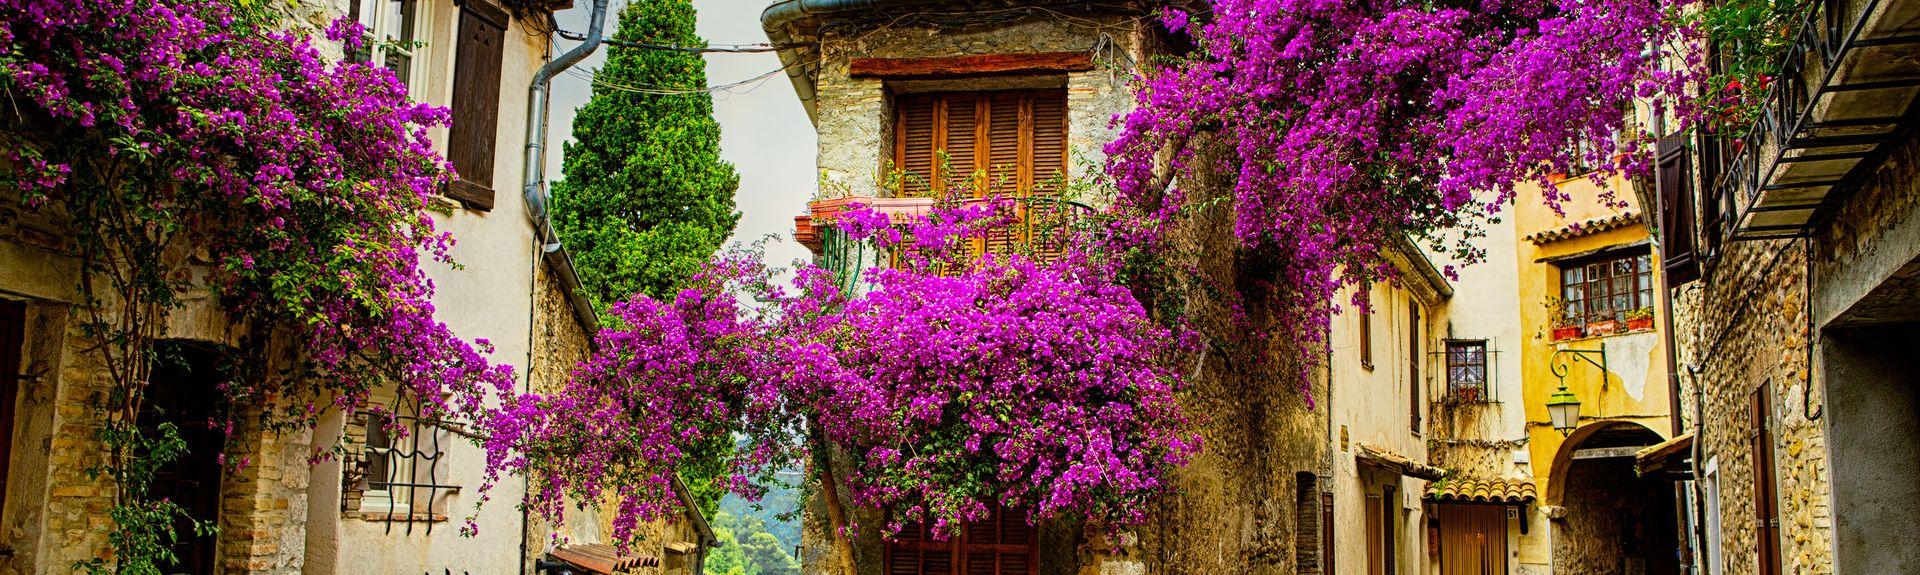 Provence-Alpes-Côte d'Azur, France